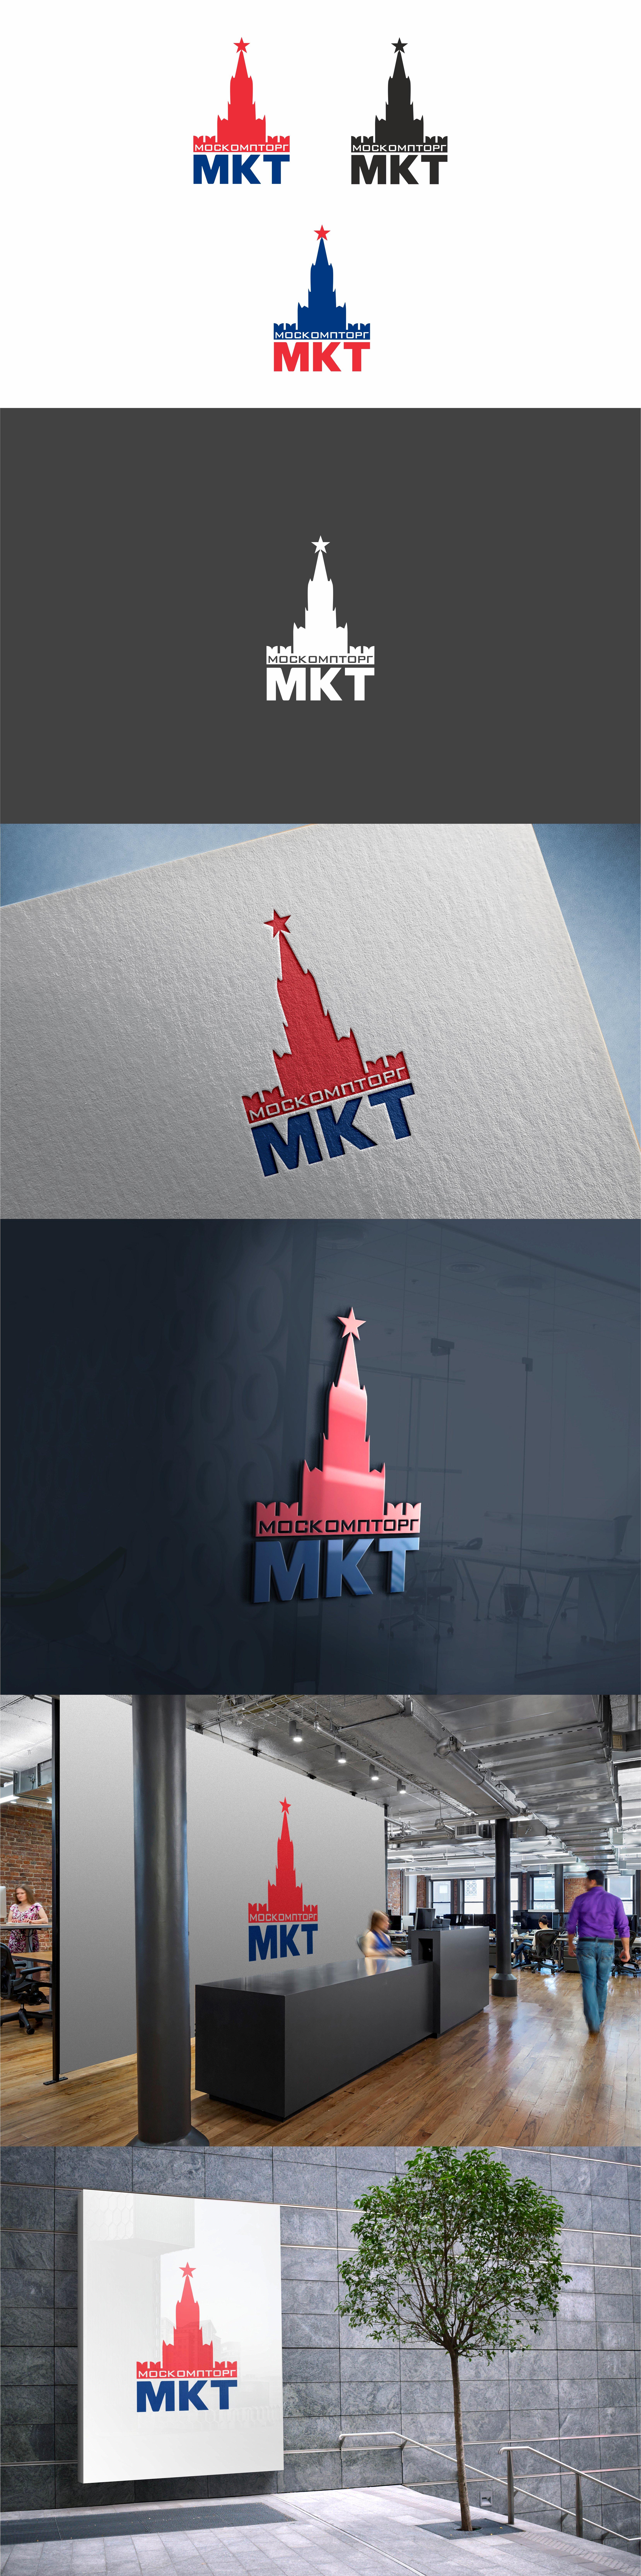 МКТ.jpg title=